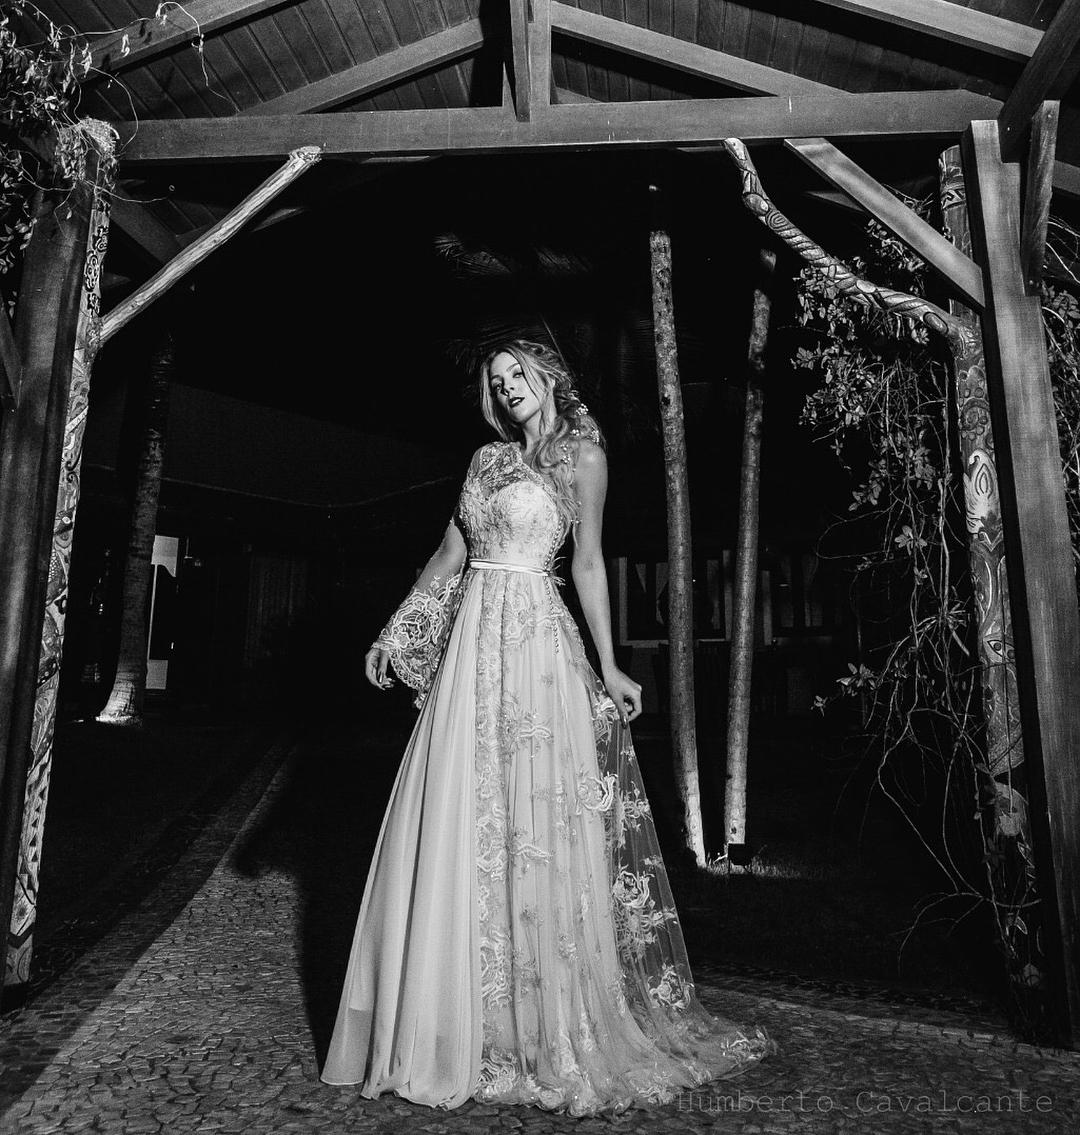 anissa marie klafke, miss santa catarina empresarial 2018. - Página 2 25011910